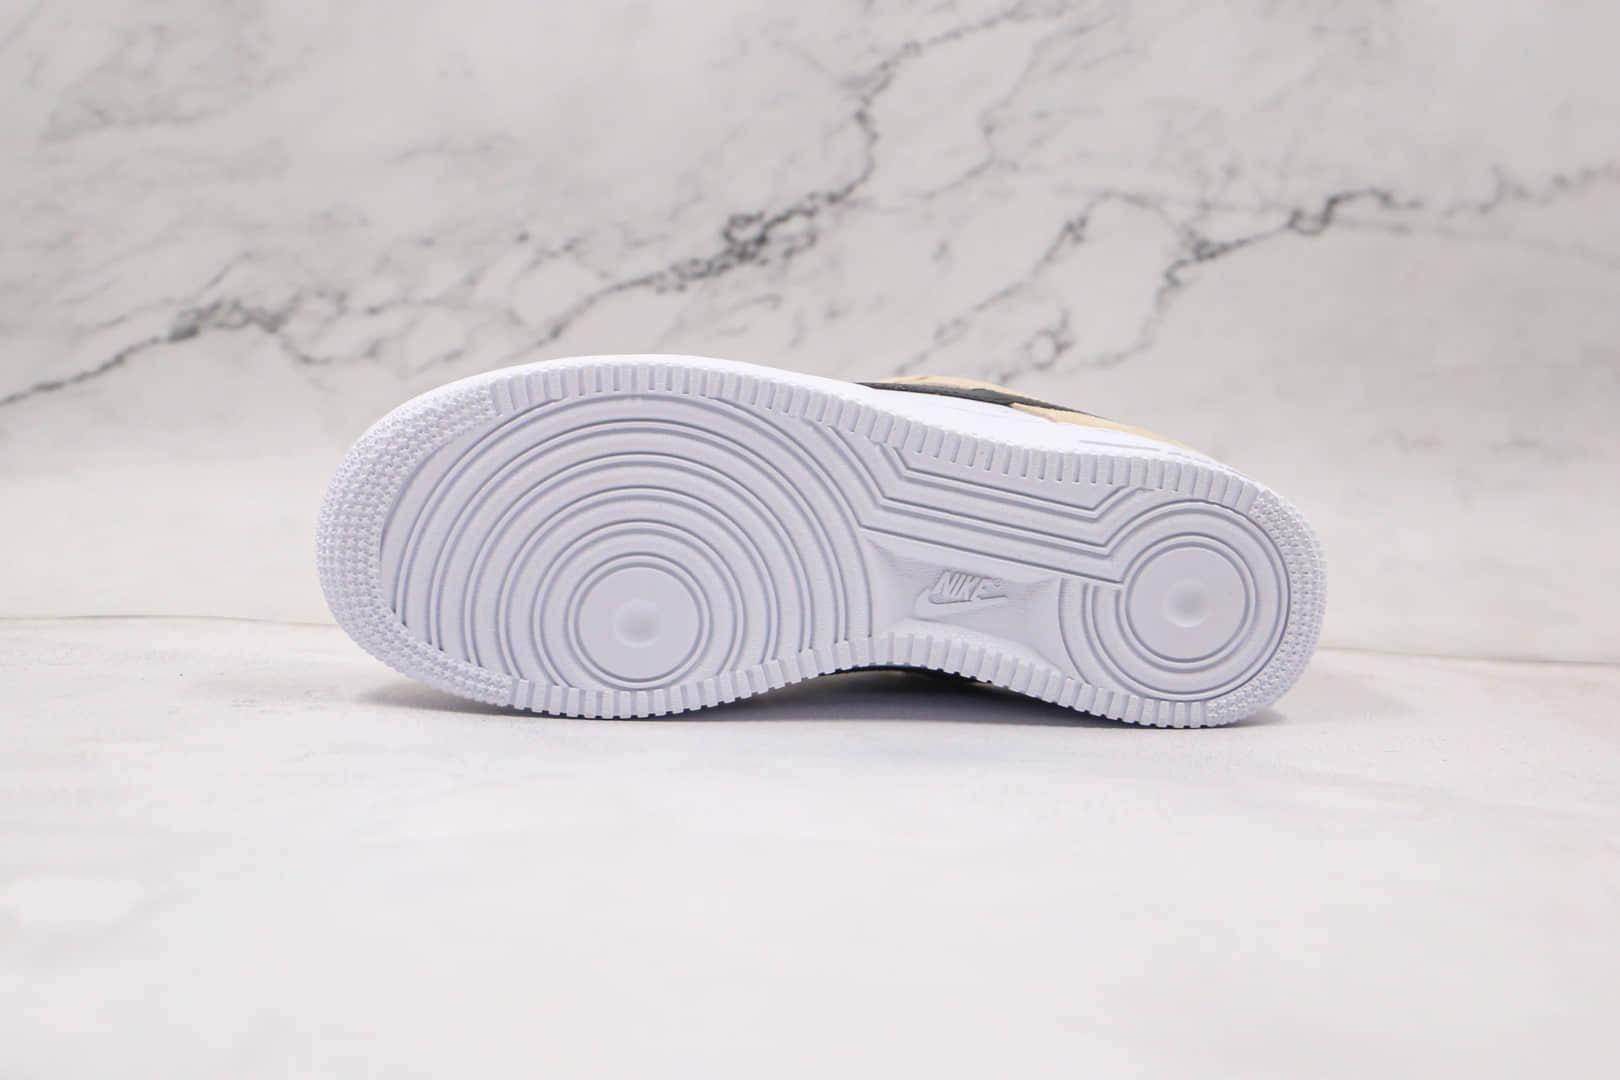 耐克Nike Air Force 1 HO20 BG纯原版本低帮空军一号奶茶白黑色板鞋内置气垫原盒原标 货号:BQ8988-100